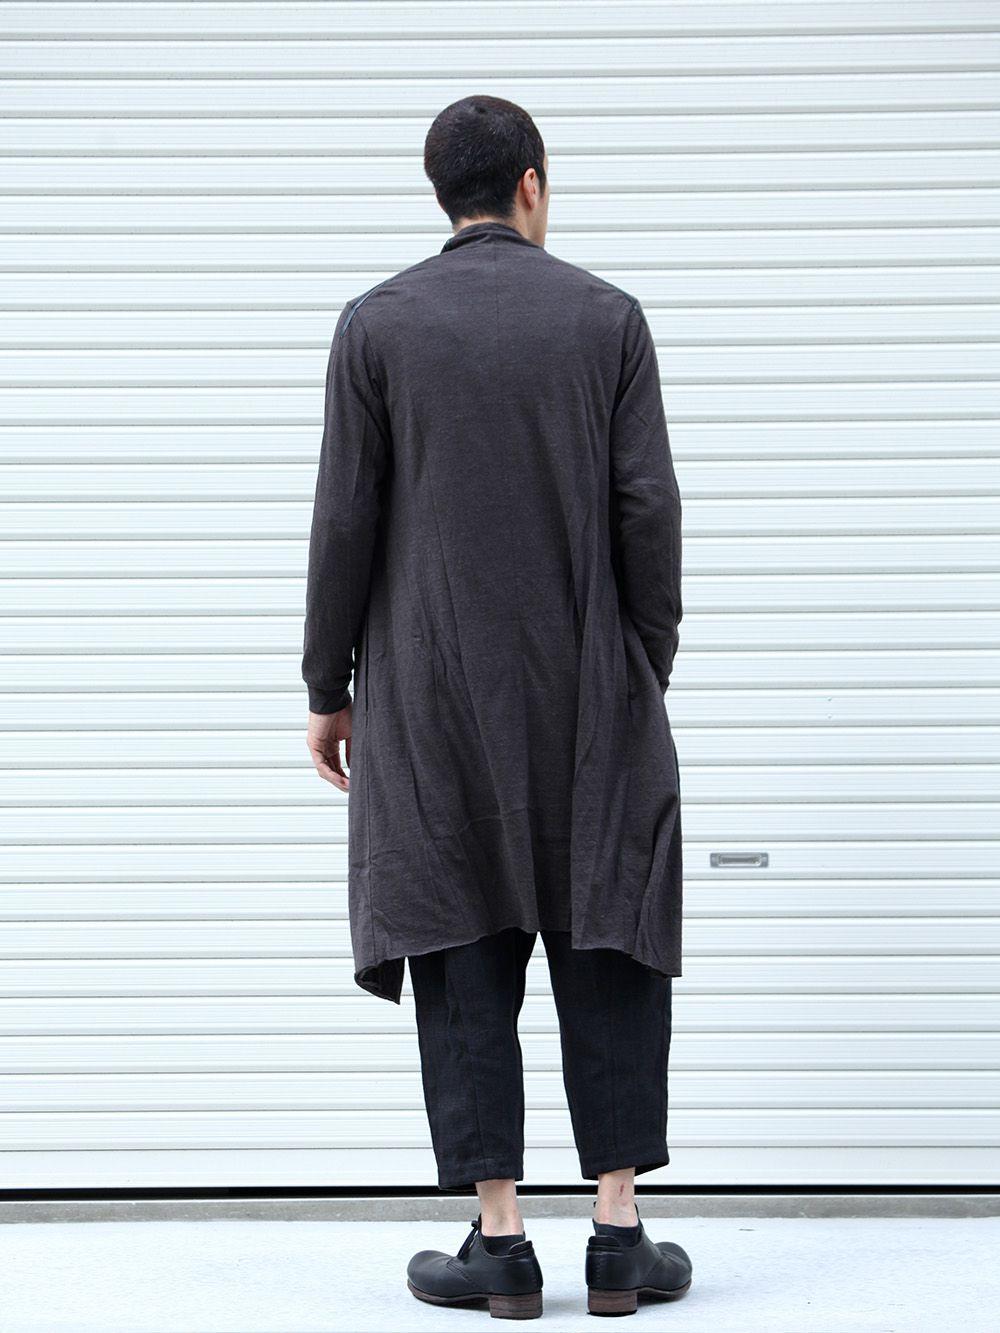 DEVOA 19-20AW wool x alpaca jersey Cardigan Style - 1-003